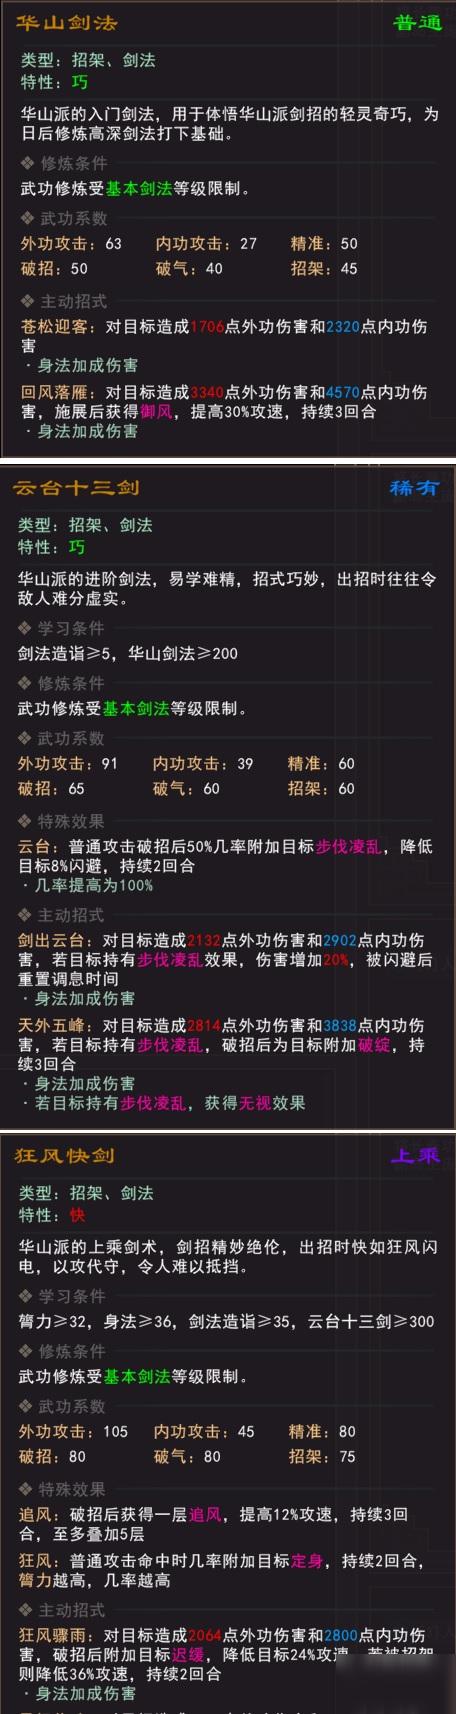 我来自江湖华山武学有哪些